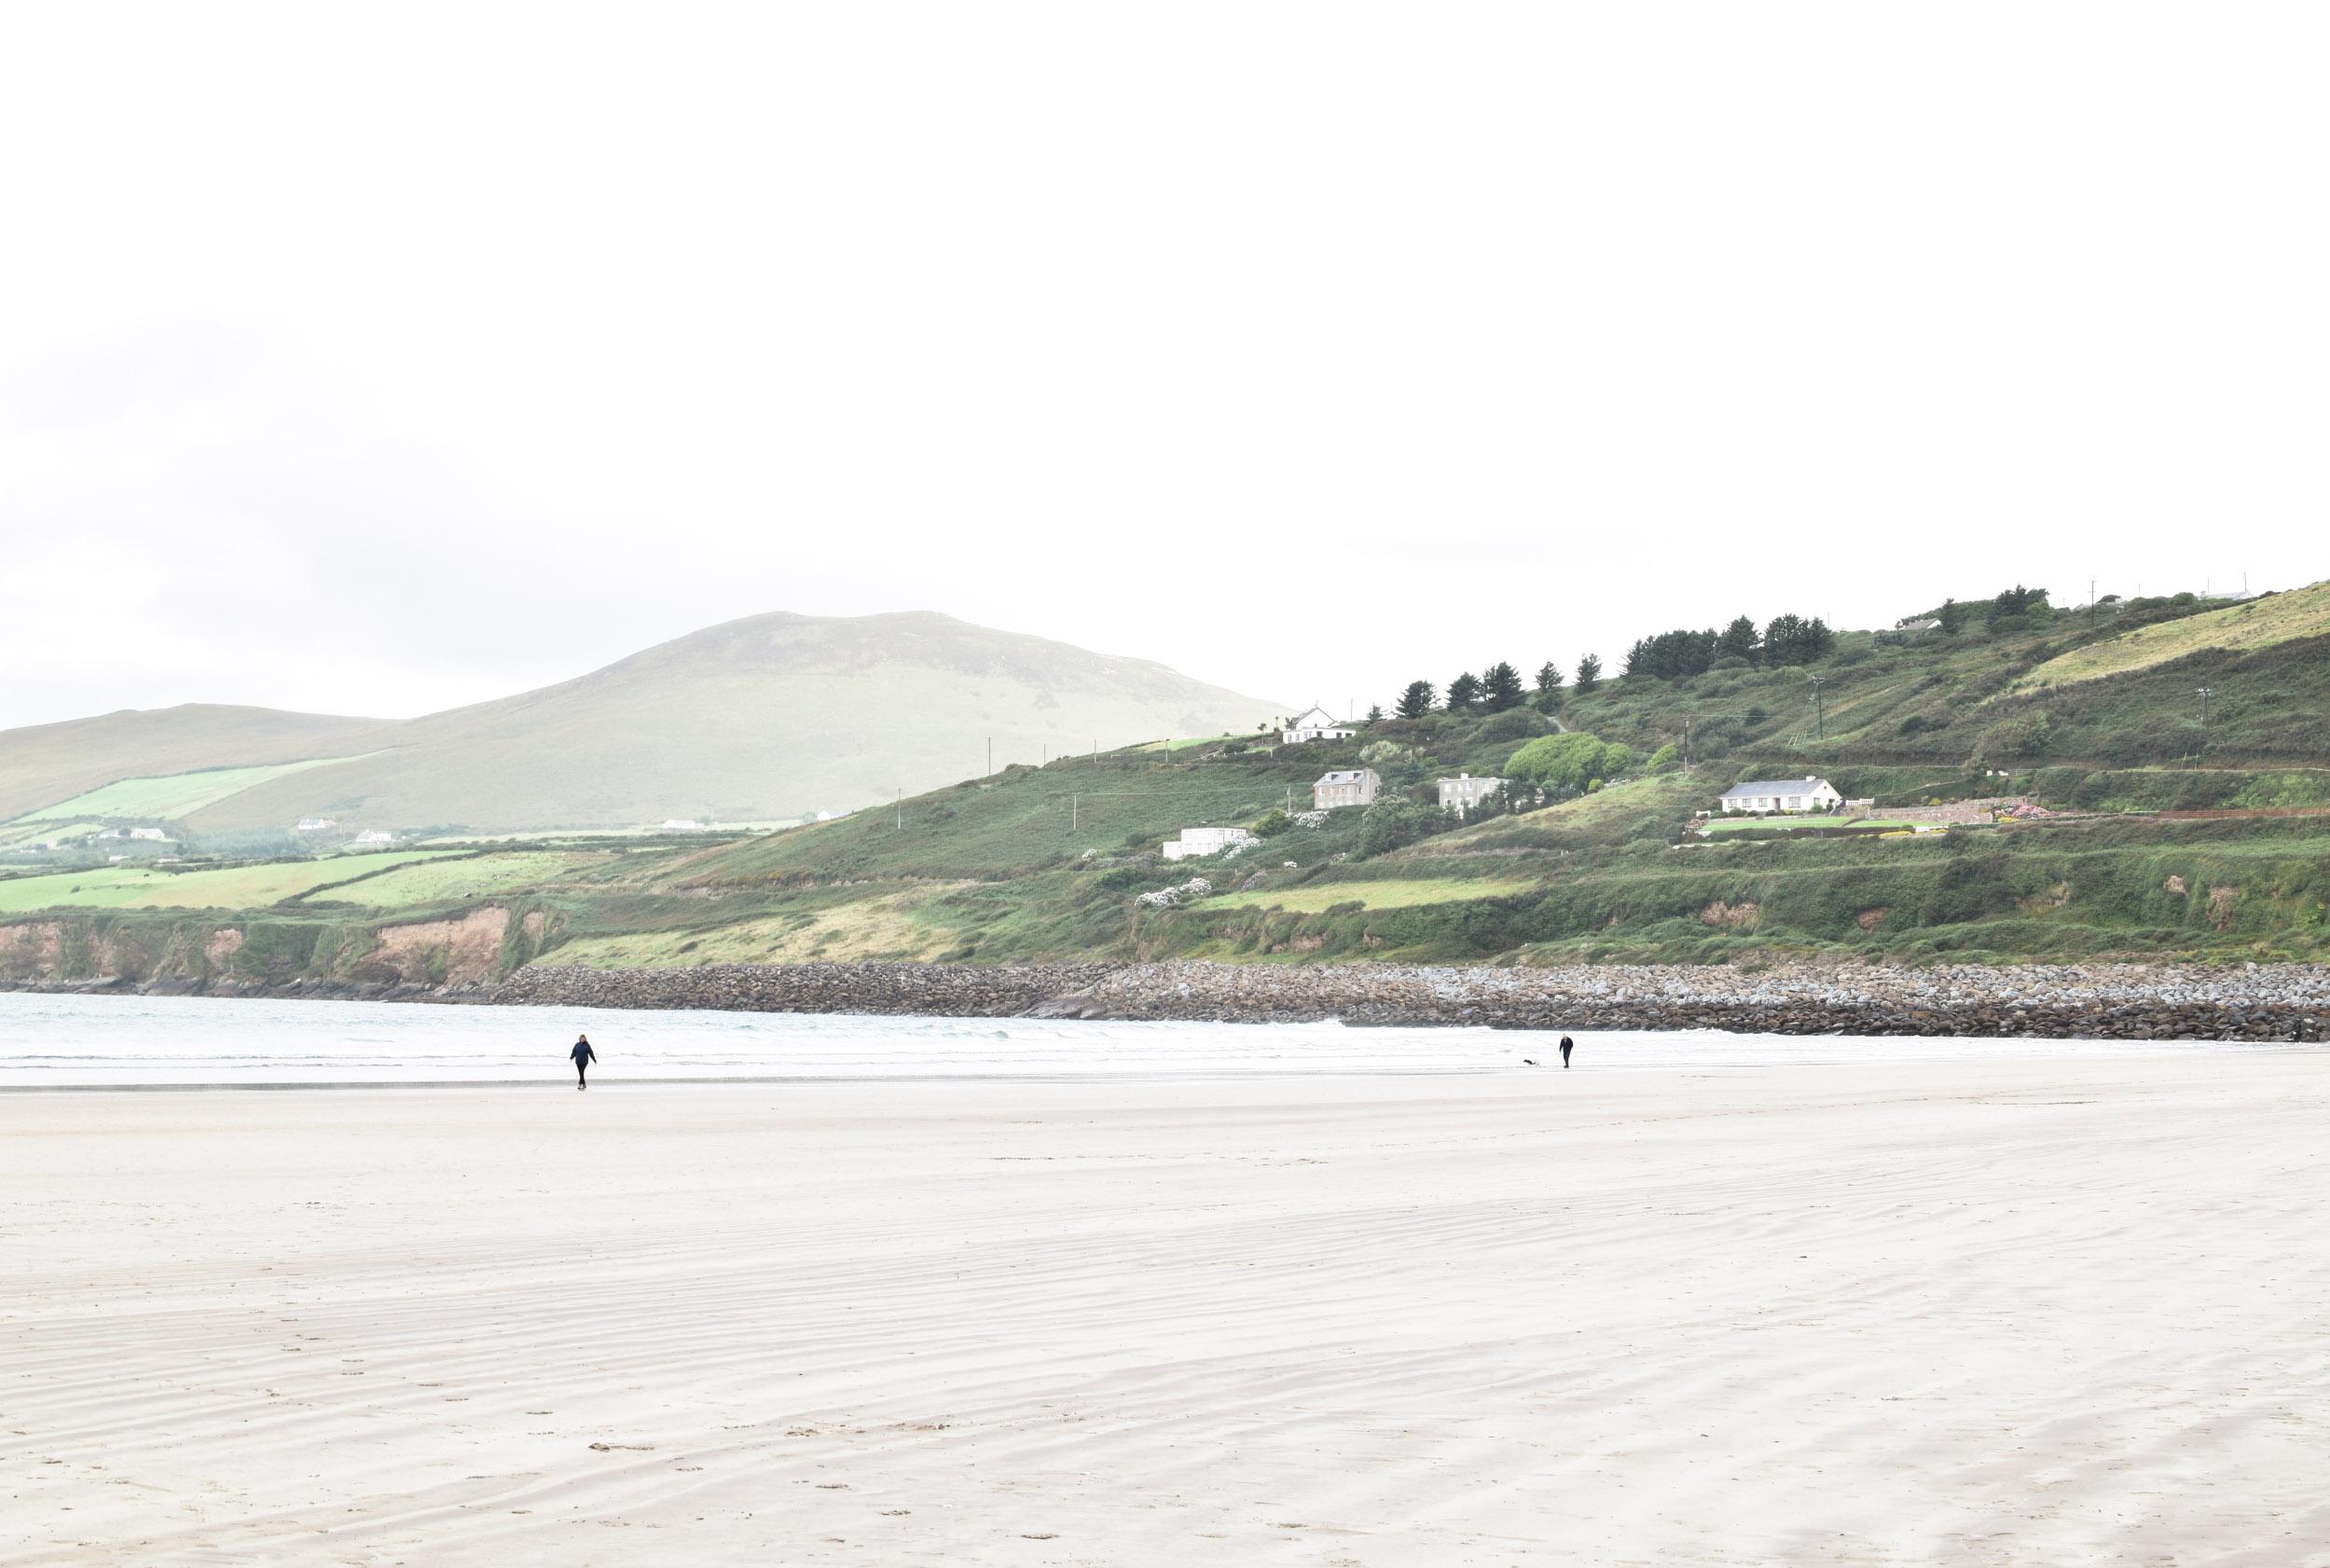 Inch Beach, County Kerry, Ireland. Part of the Dingle Peninsula, near Killarney.